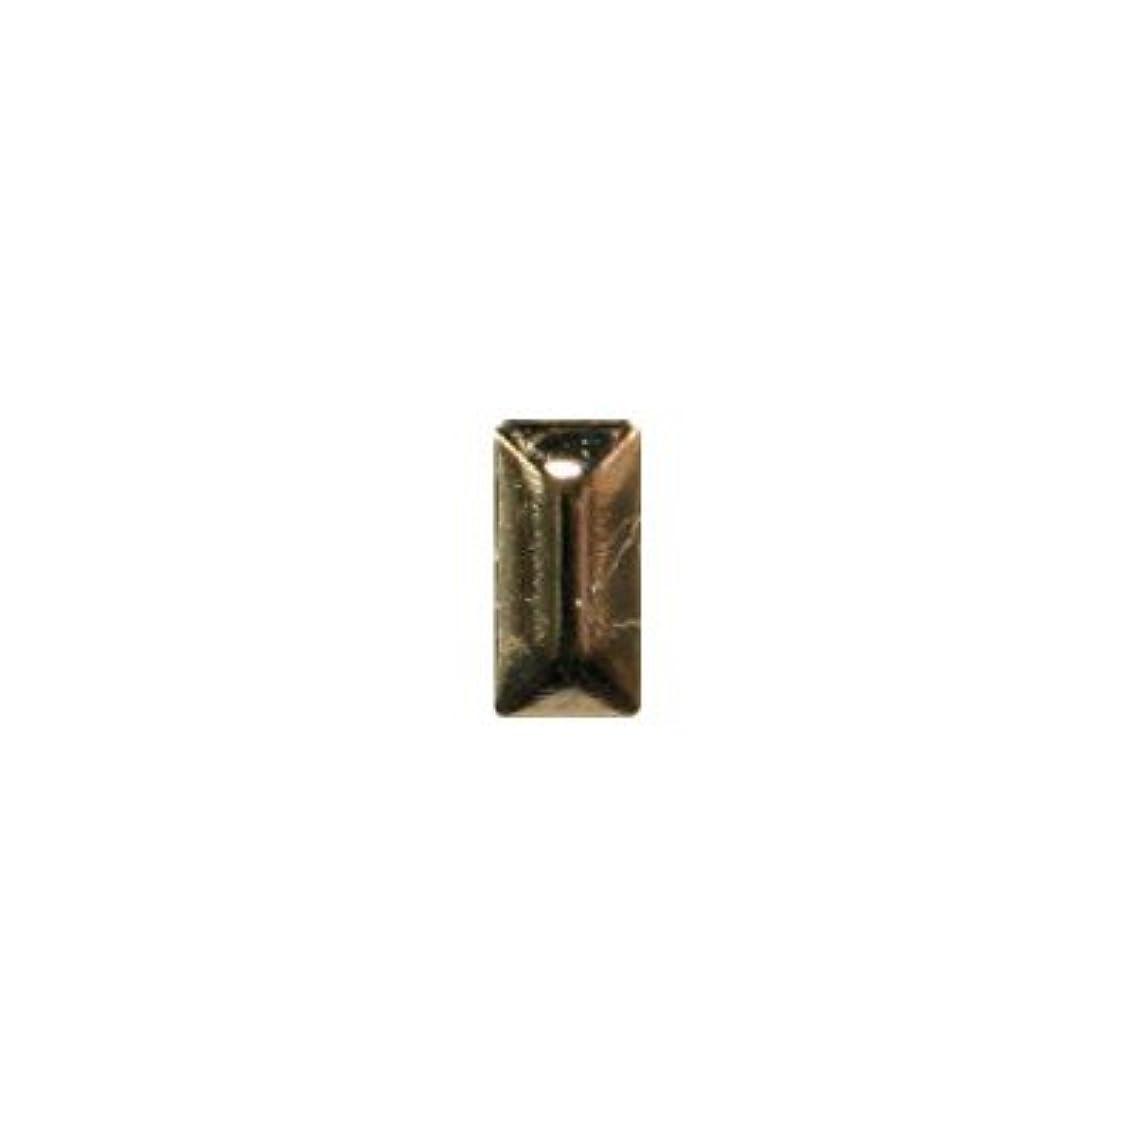 誘惑する意味するリズミカルなピアドラ スタッズ メタル長方形 2×4mm 50P ゴールド